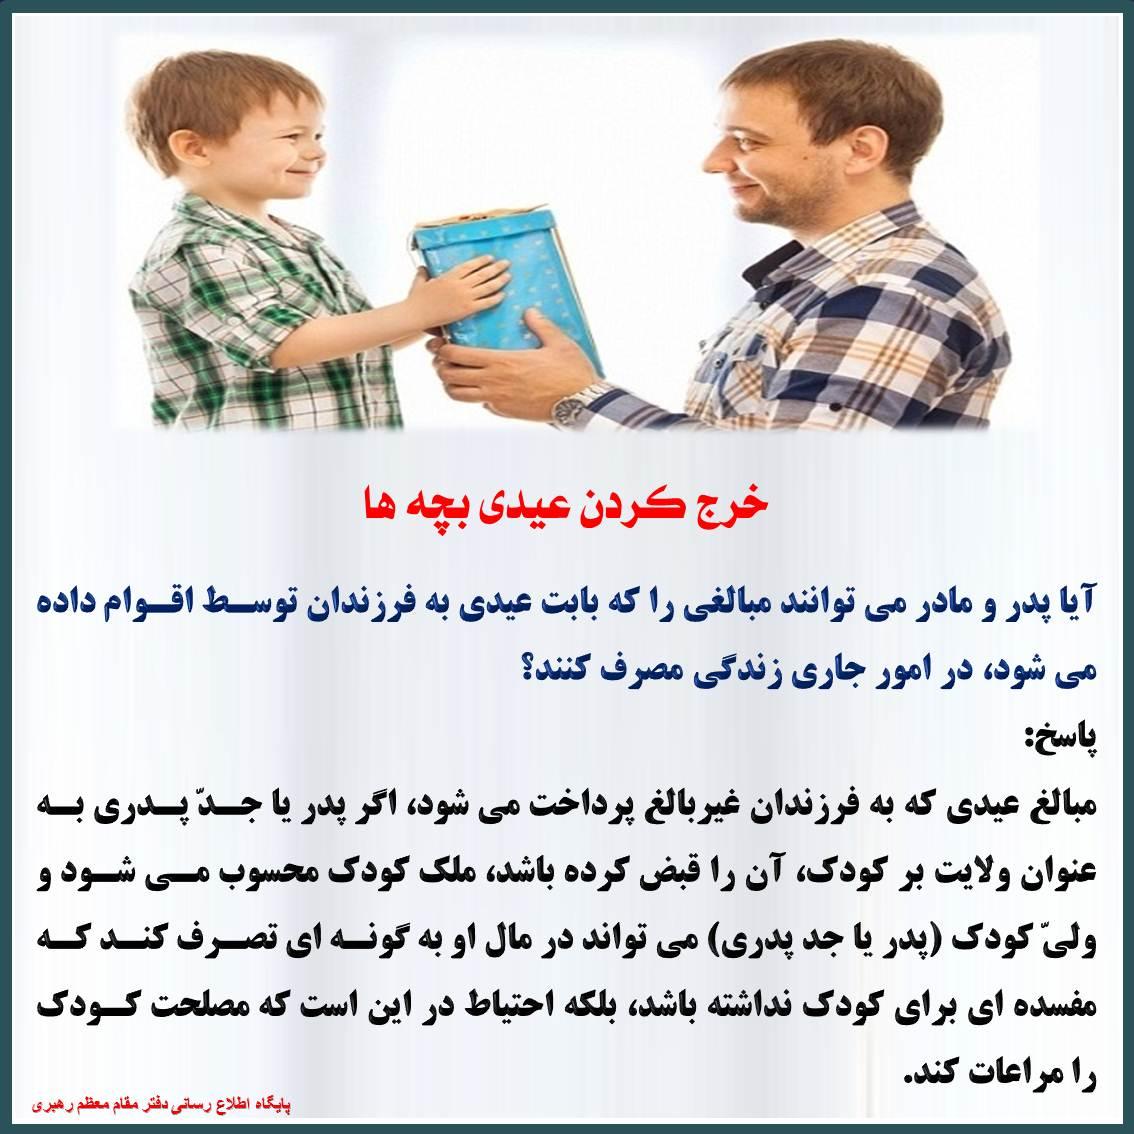 خرج کردن عیدی بچه ها